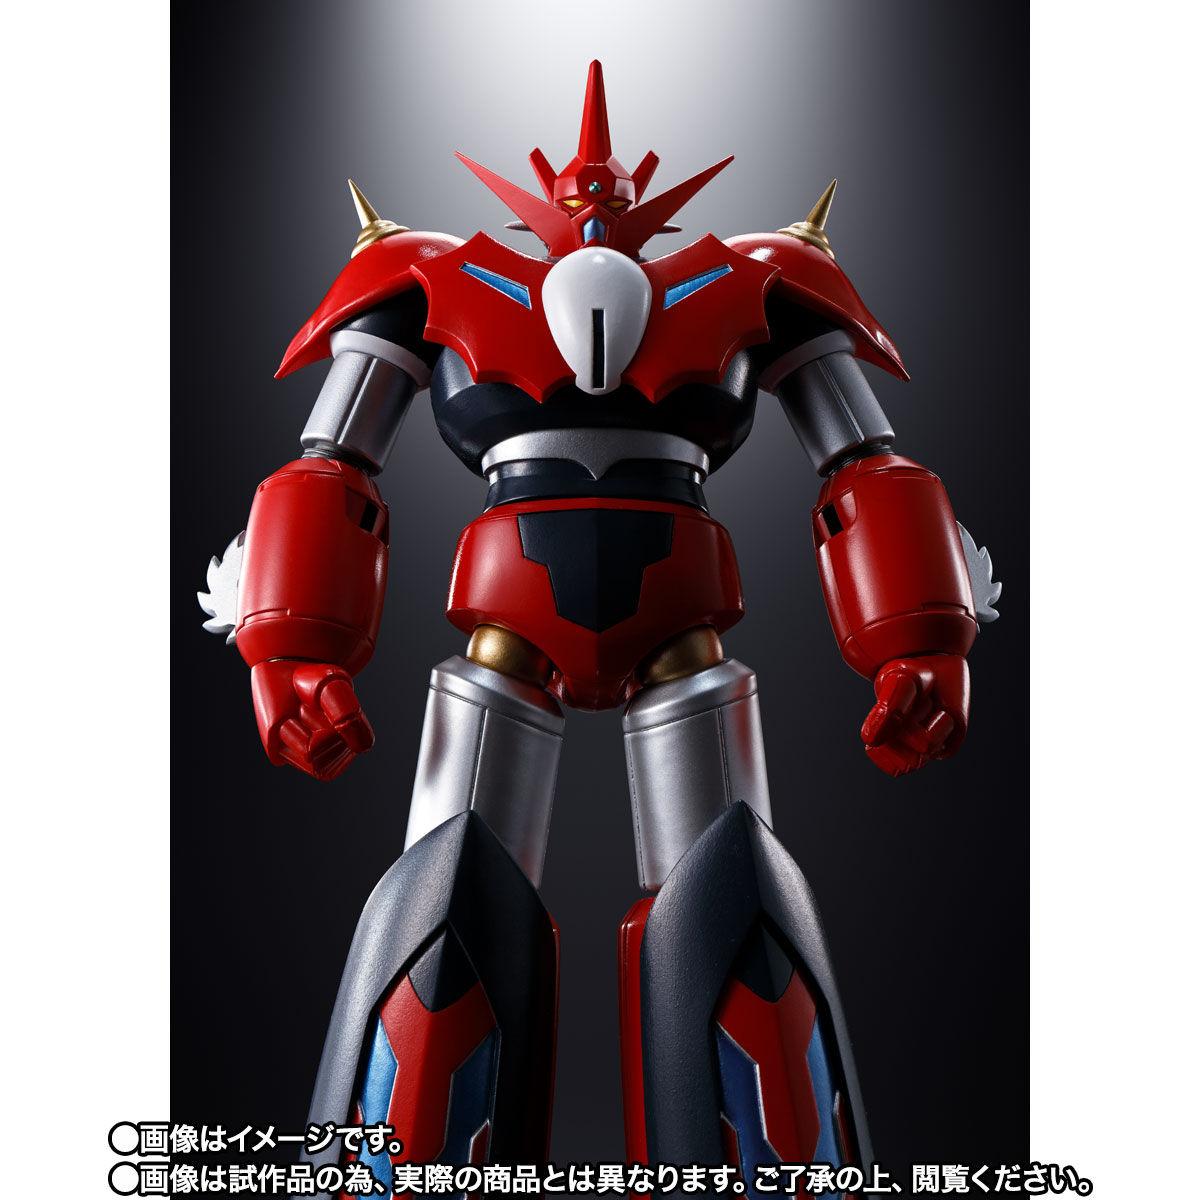 【限定販売】超合金魂『GX-98 ゲッターD2』ゲッターロボ アーク 可動フィギュア-010